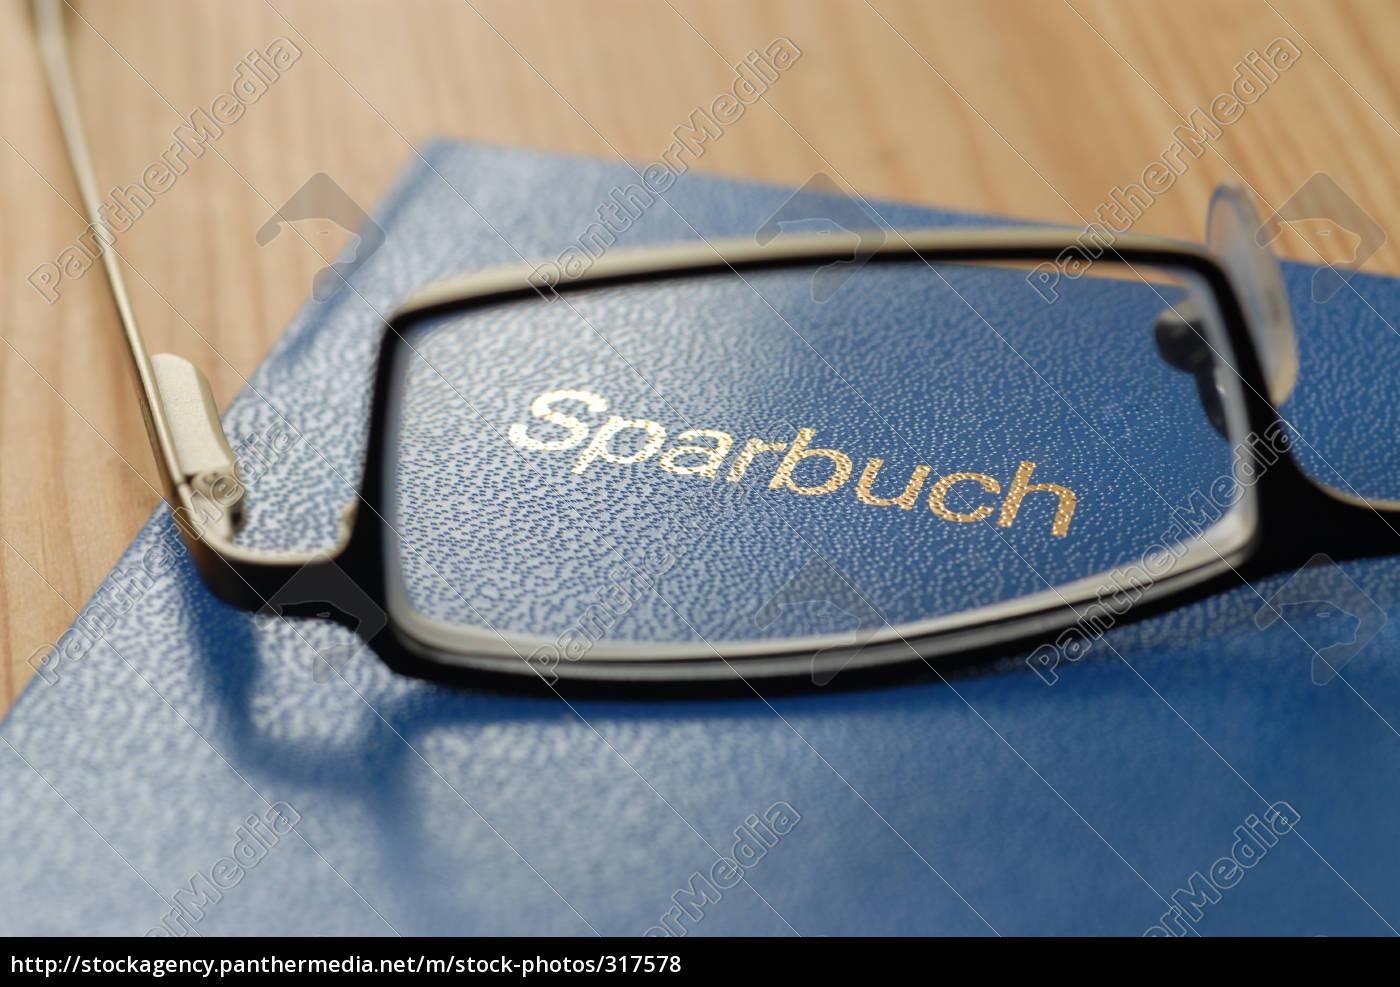 passbook - 317578